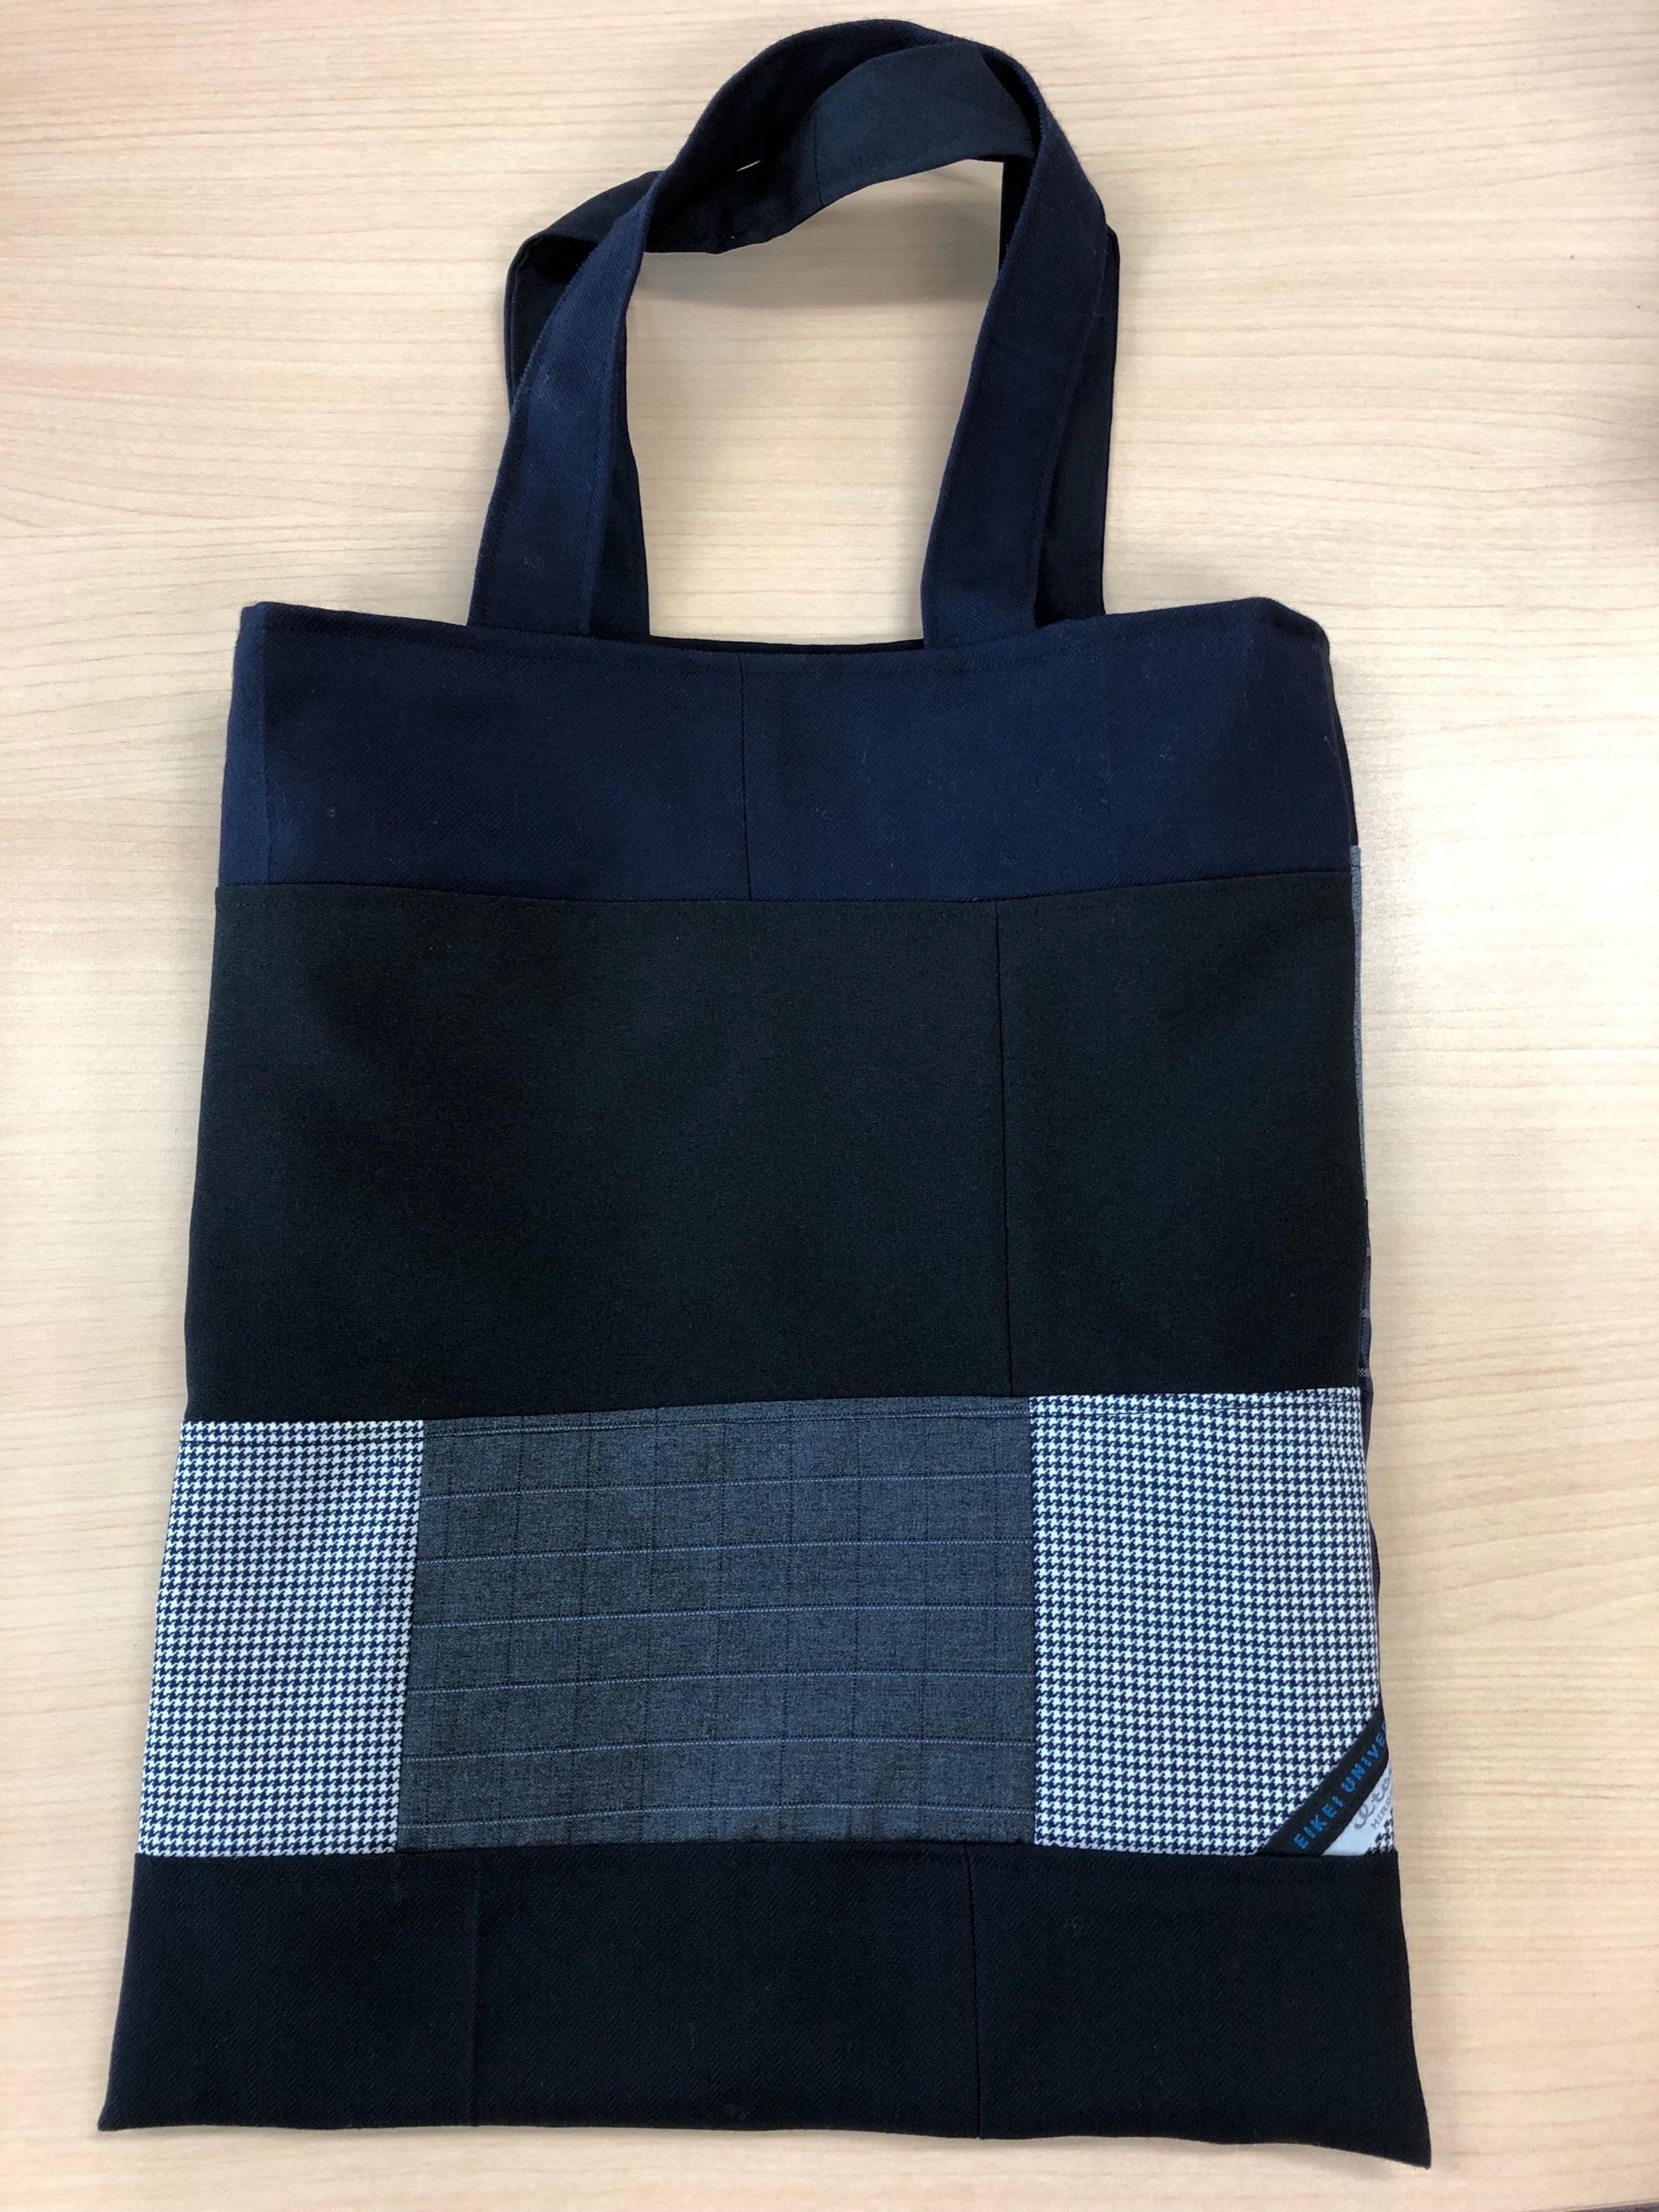 叡啓大学が地元企業等とコラボし、学生服の残布を活用したバッグを製作!